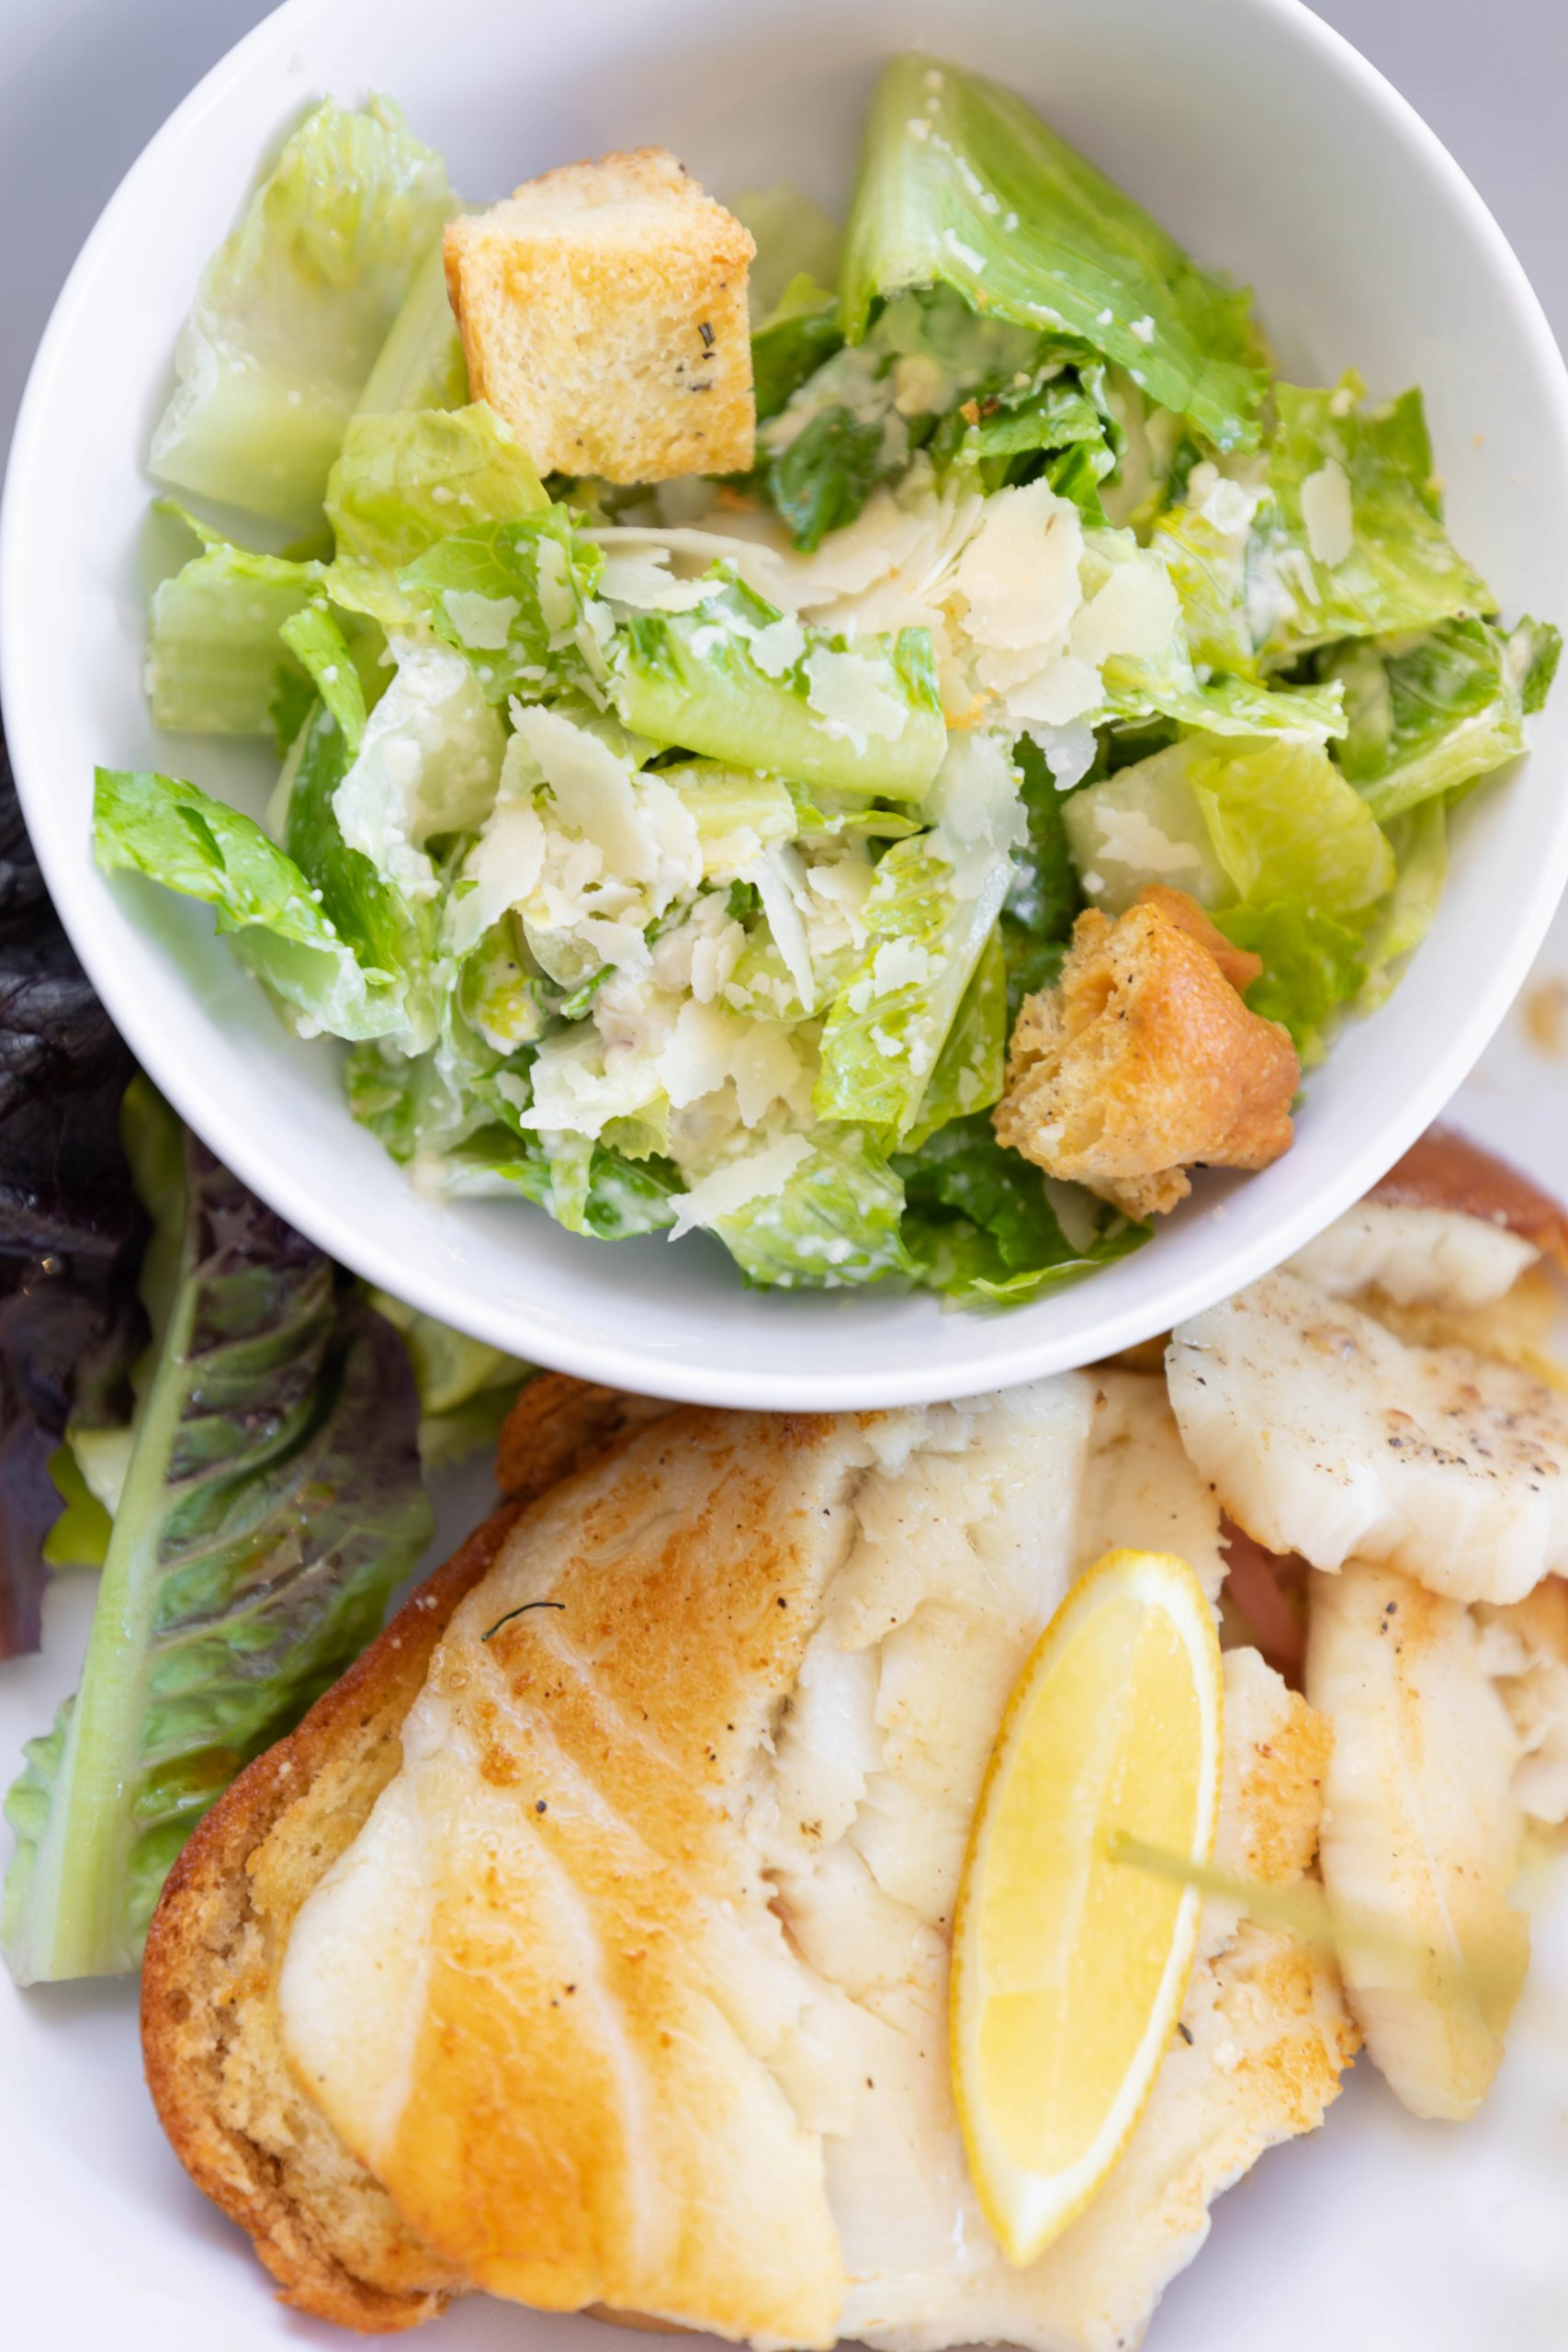 Florida Grouper Sandwich Aquamarine Restaurant Waldorf Astoria Orlando Poolside Restaurant in Orlando Florida by Annie Fairfax